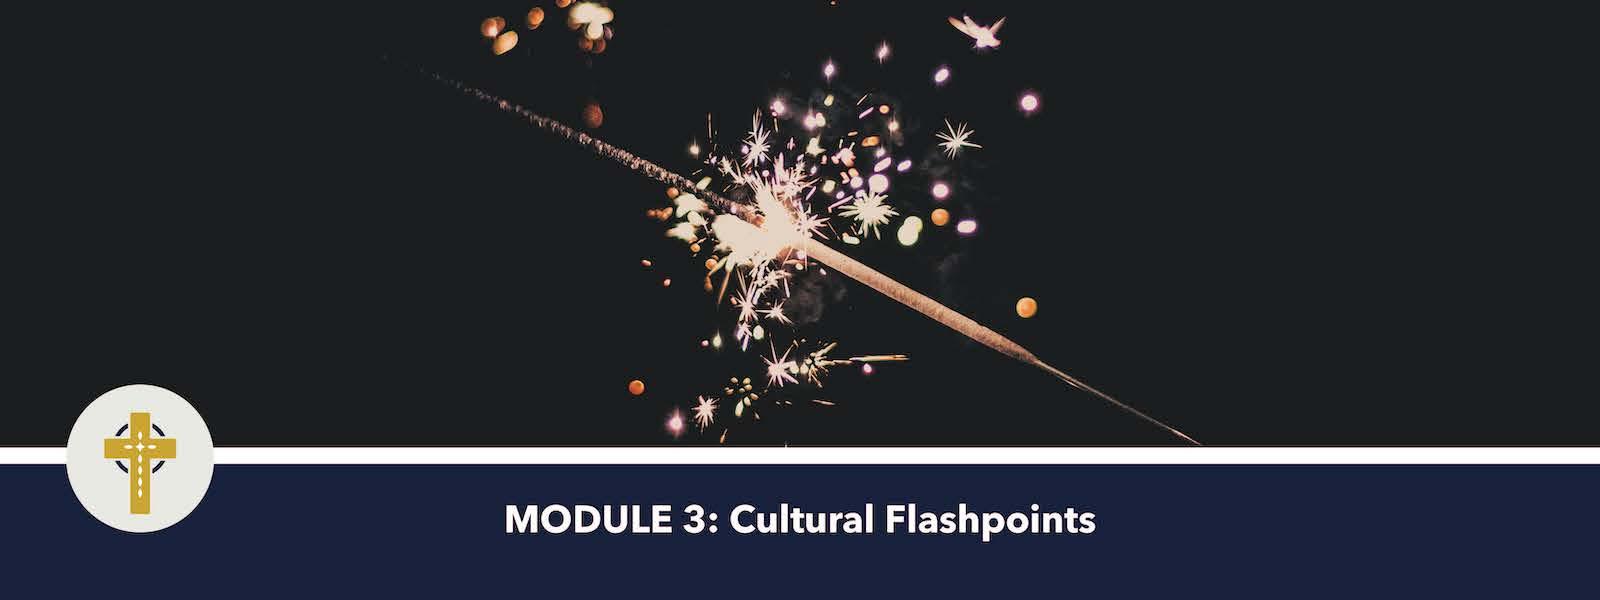 Cultural Flashpoints (Module 3)